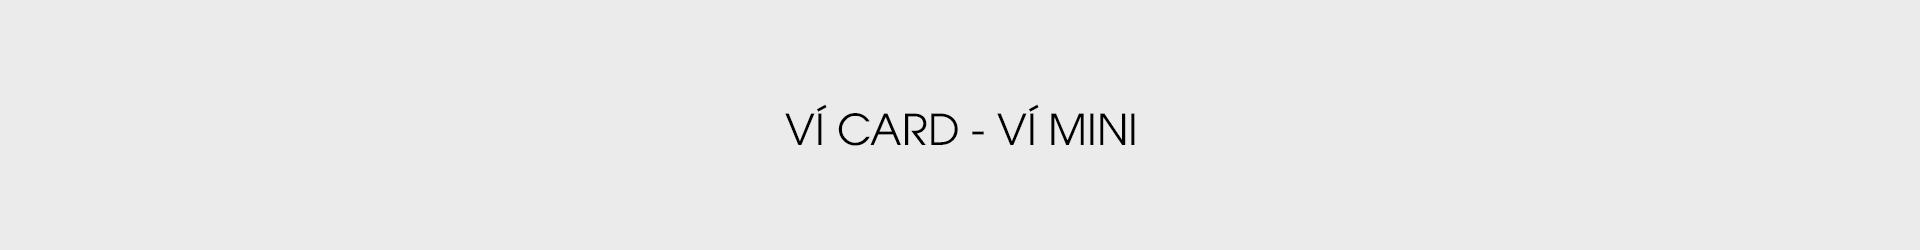 VÍ CARD - VÍ MINI